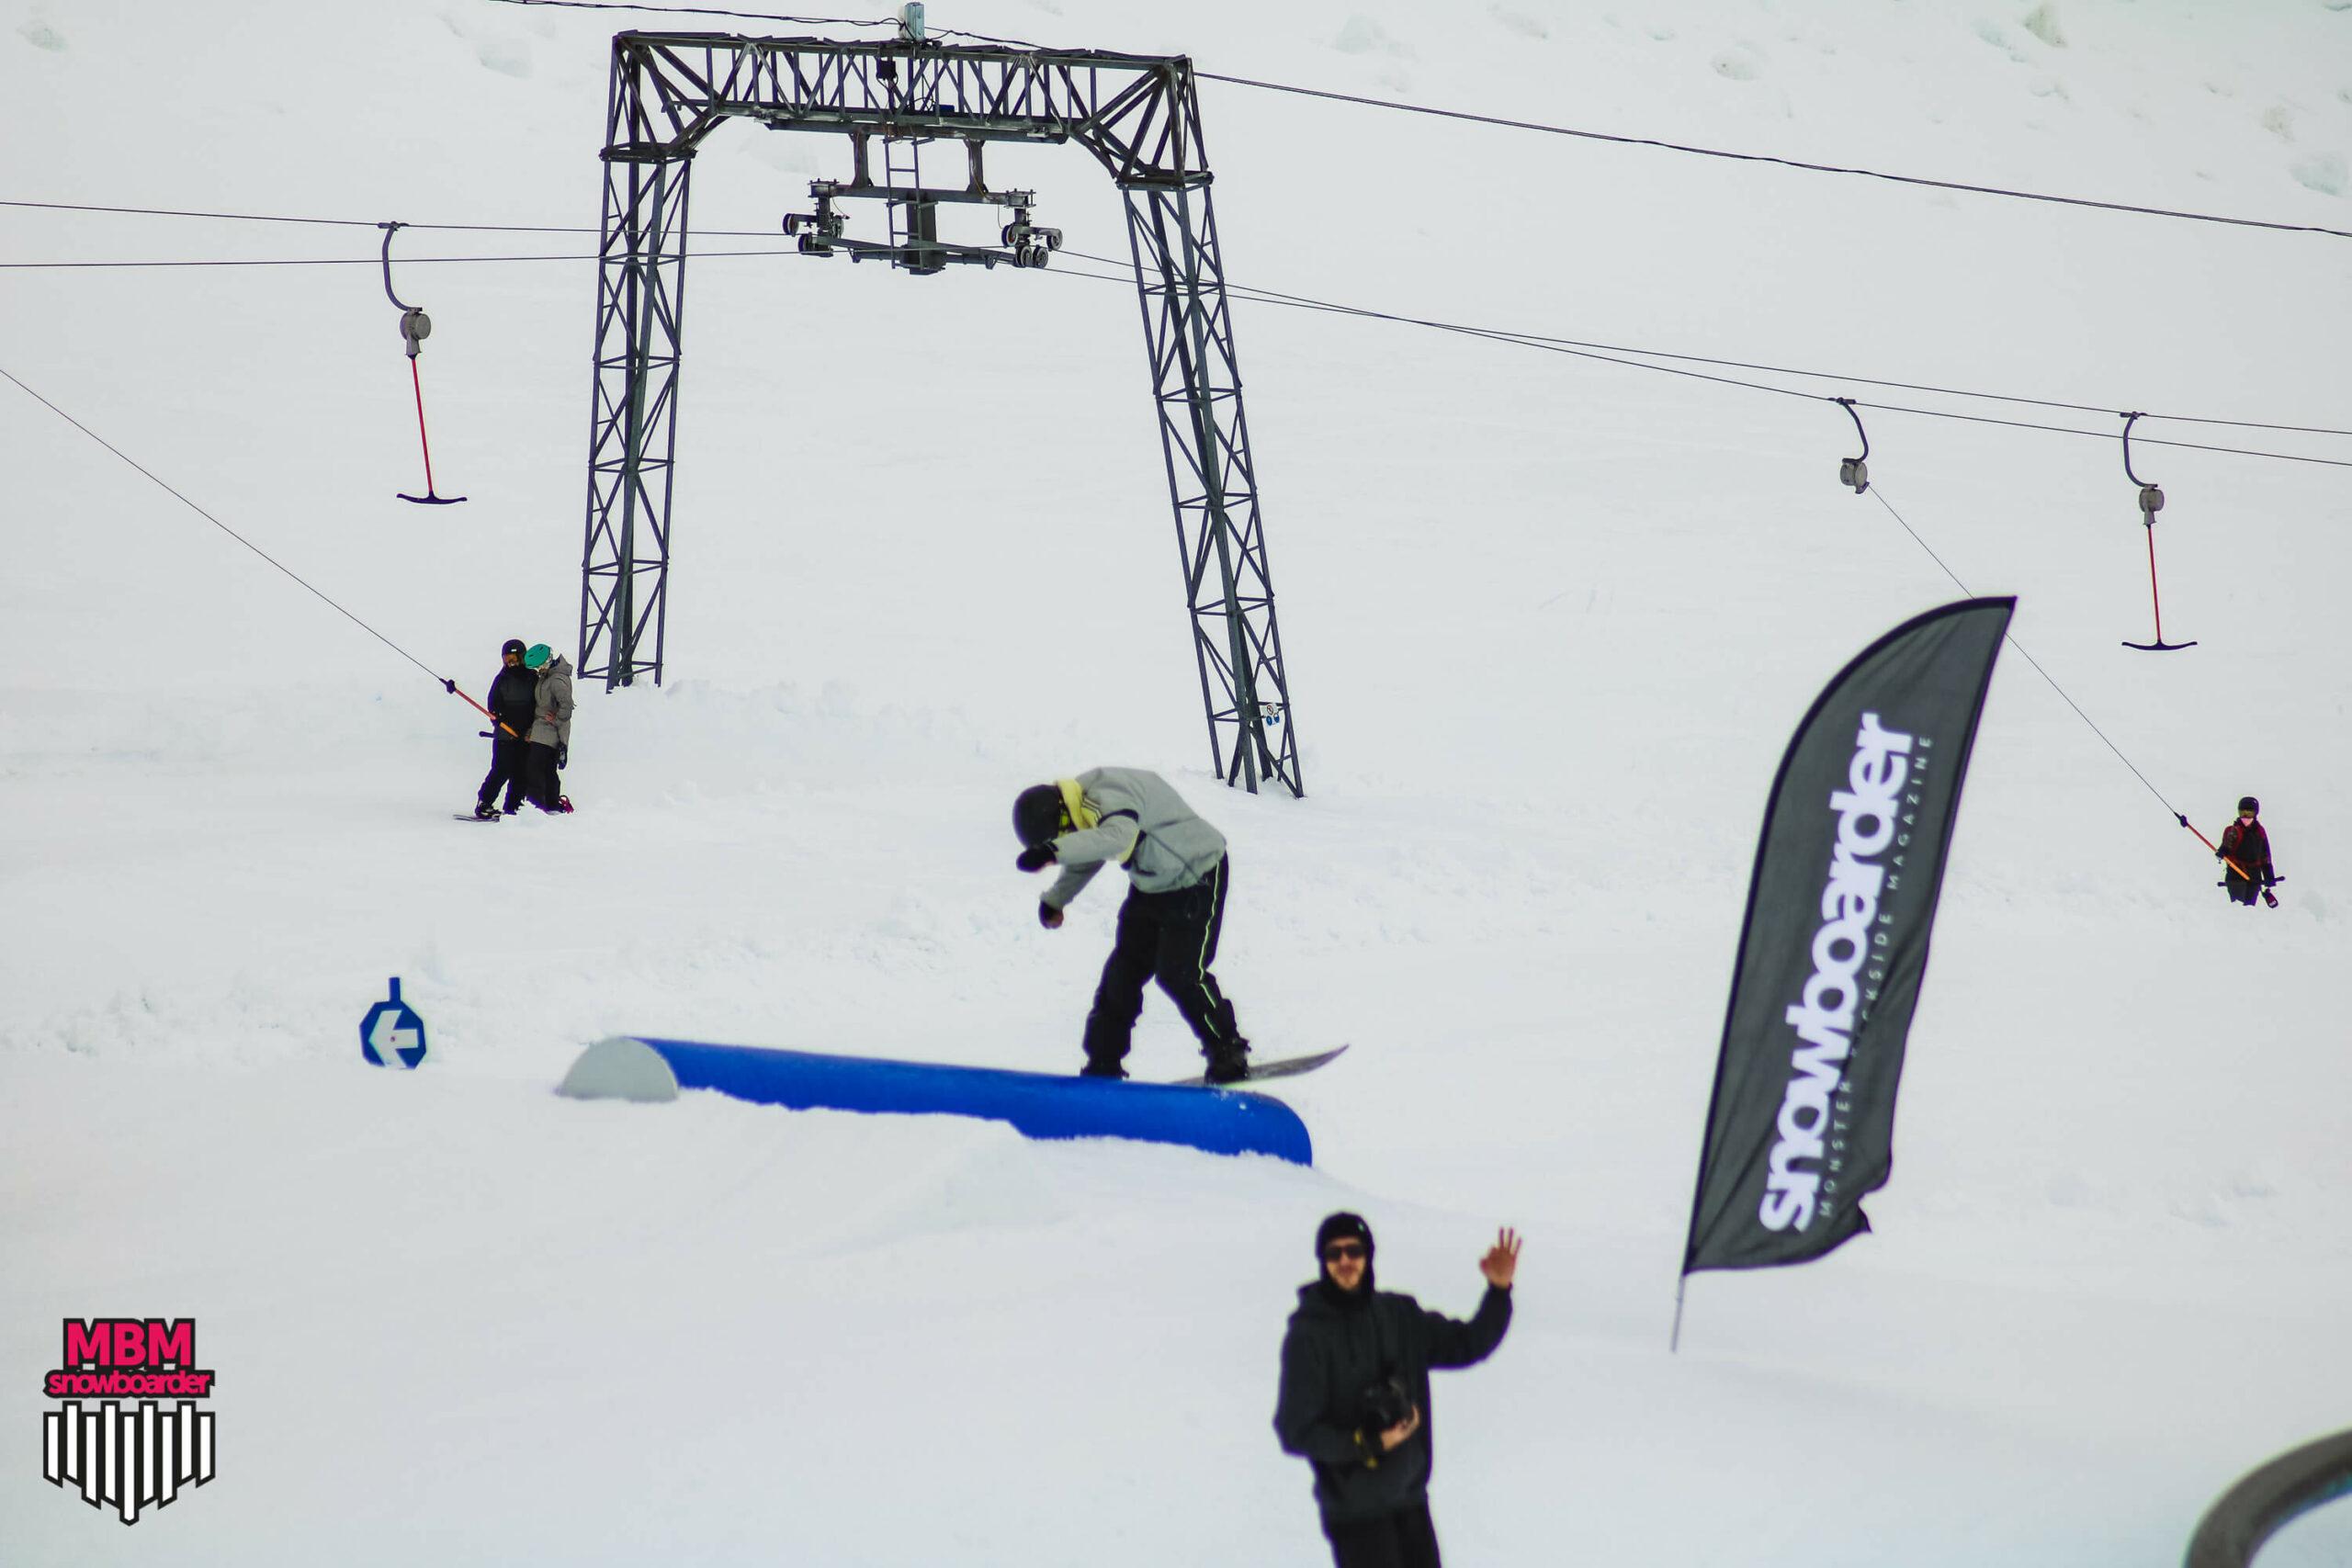 snowboarderMBM_sd_kaunertal_027